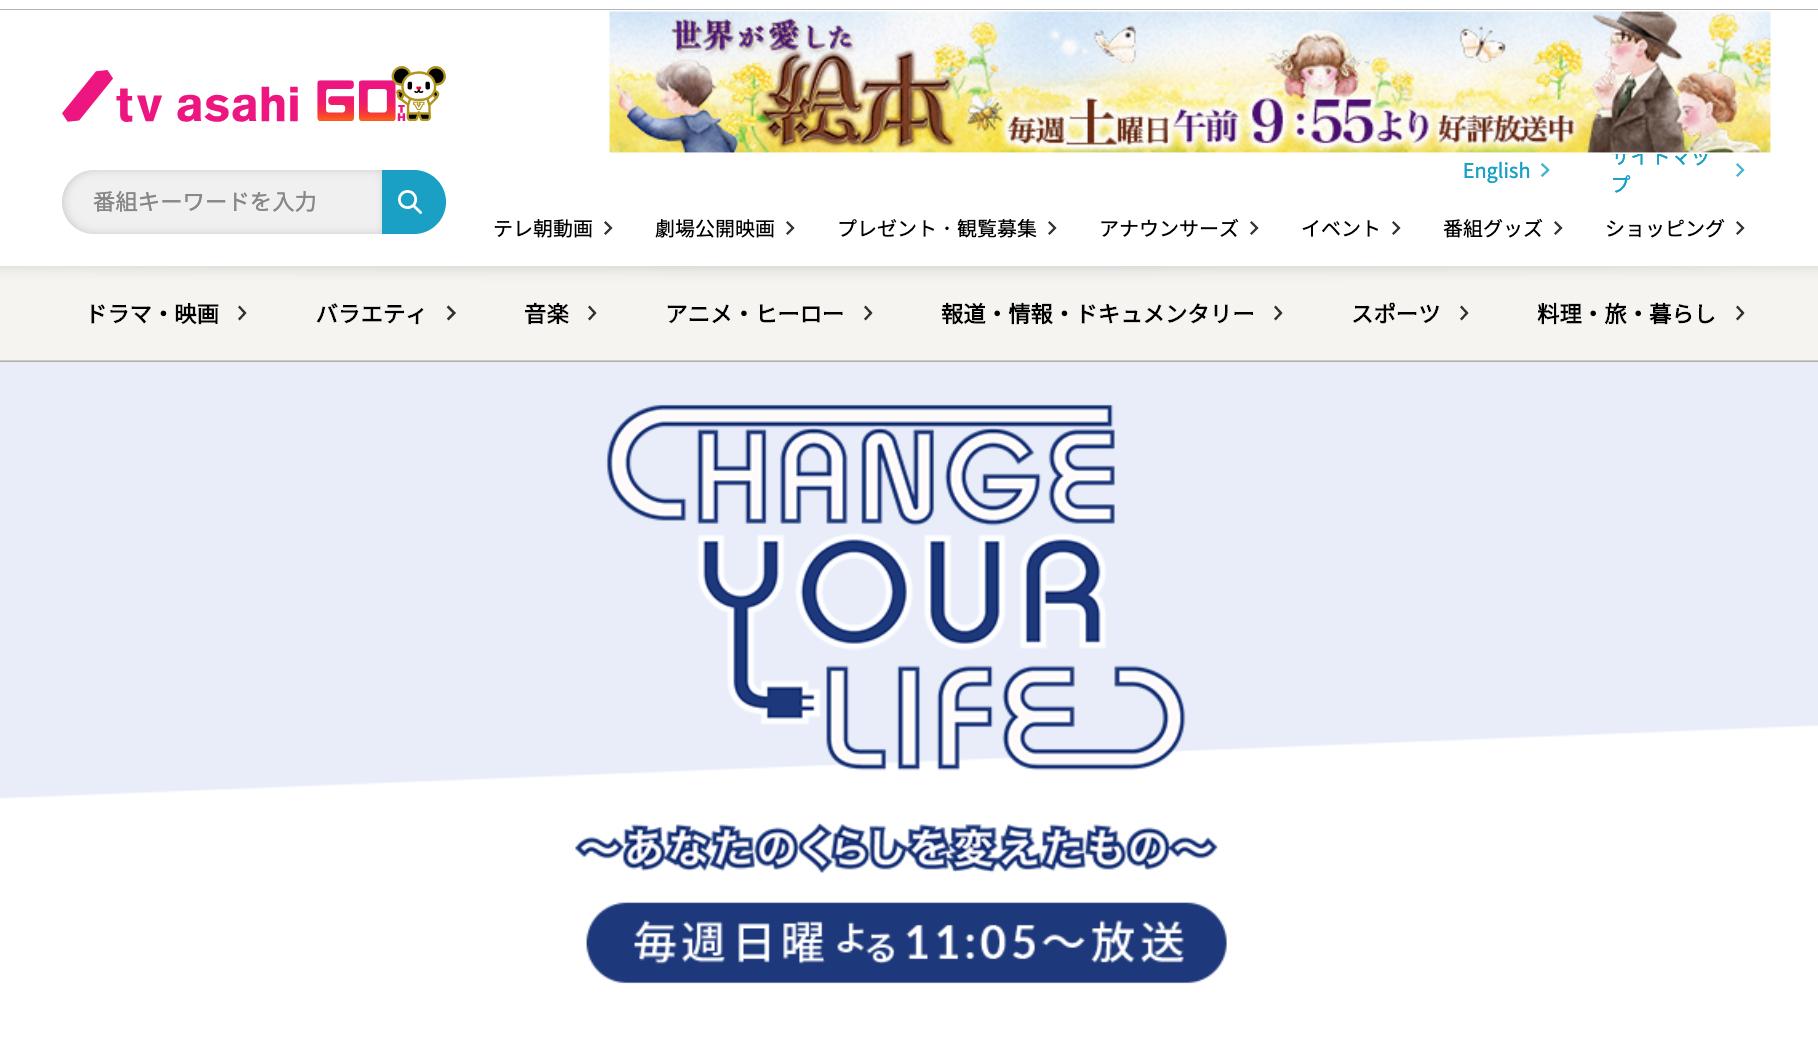 テレビ朝日「CHANGE YOUR LIFE」にて Zaim 代表の閑歳が紹介